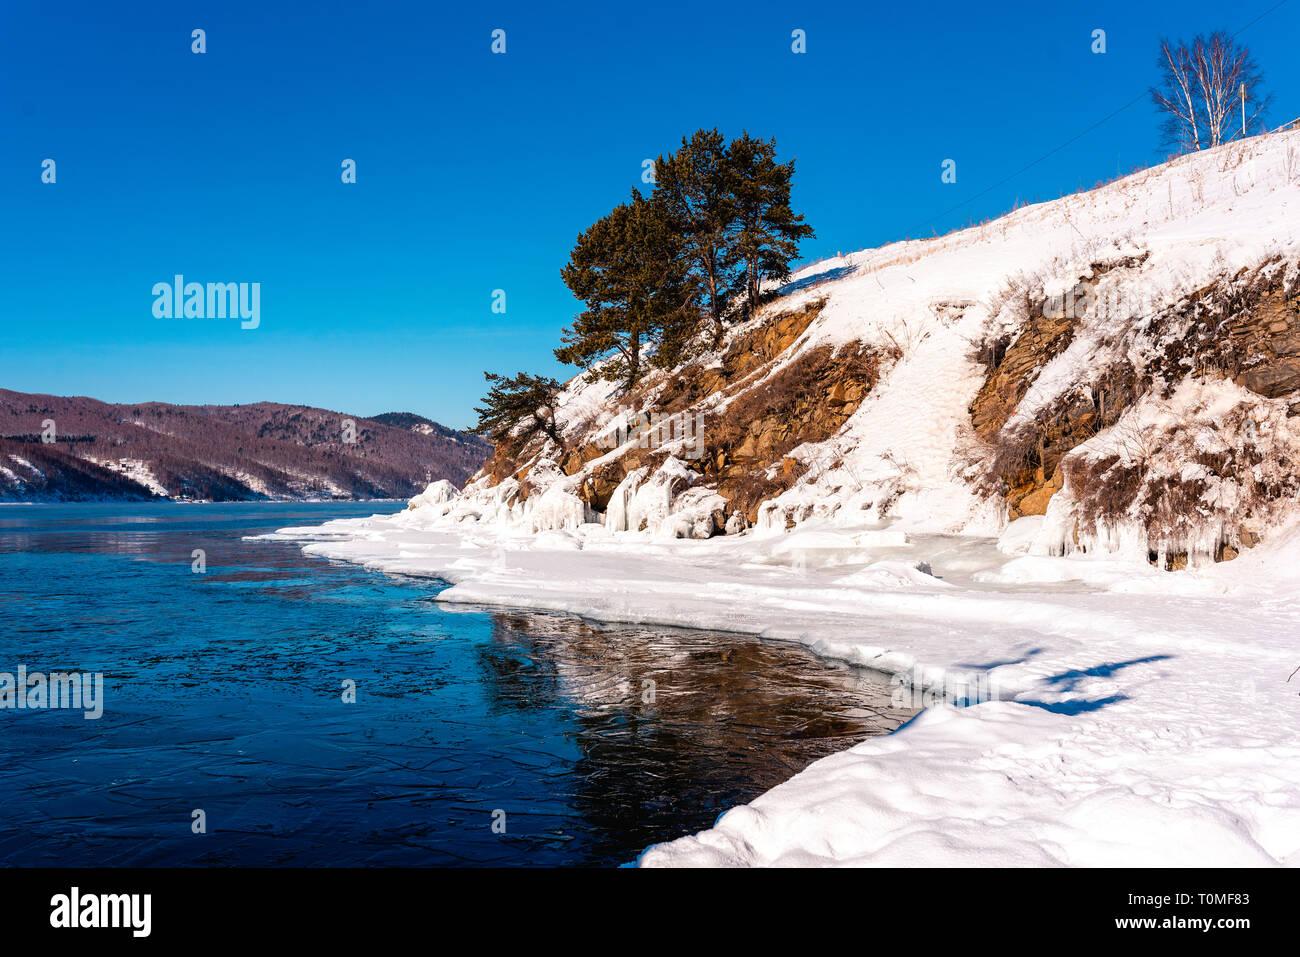 Paysage d'hiver au Lac Baikal, Sibérie, Russie Banque D'Images